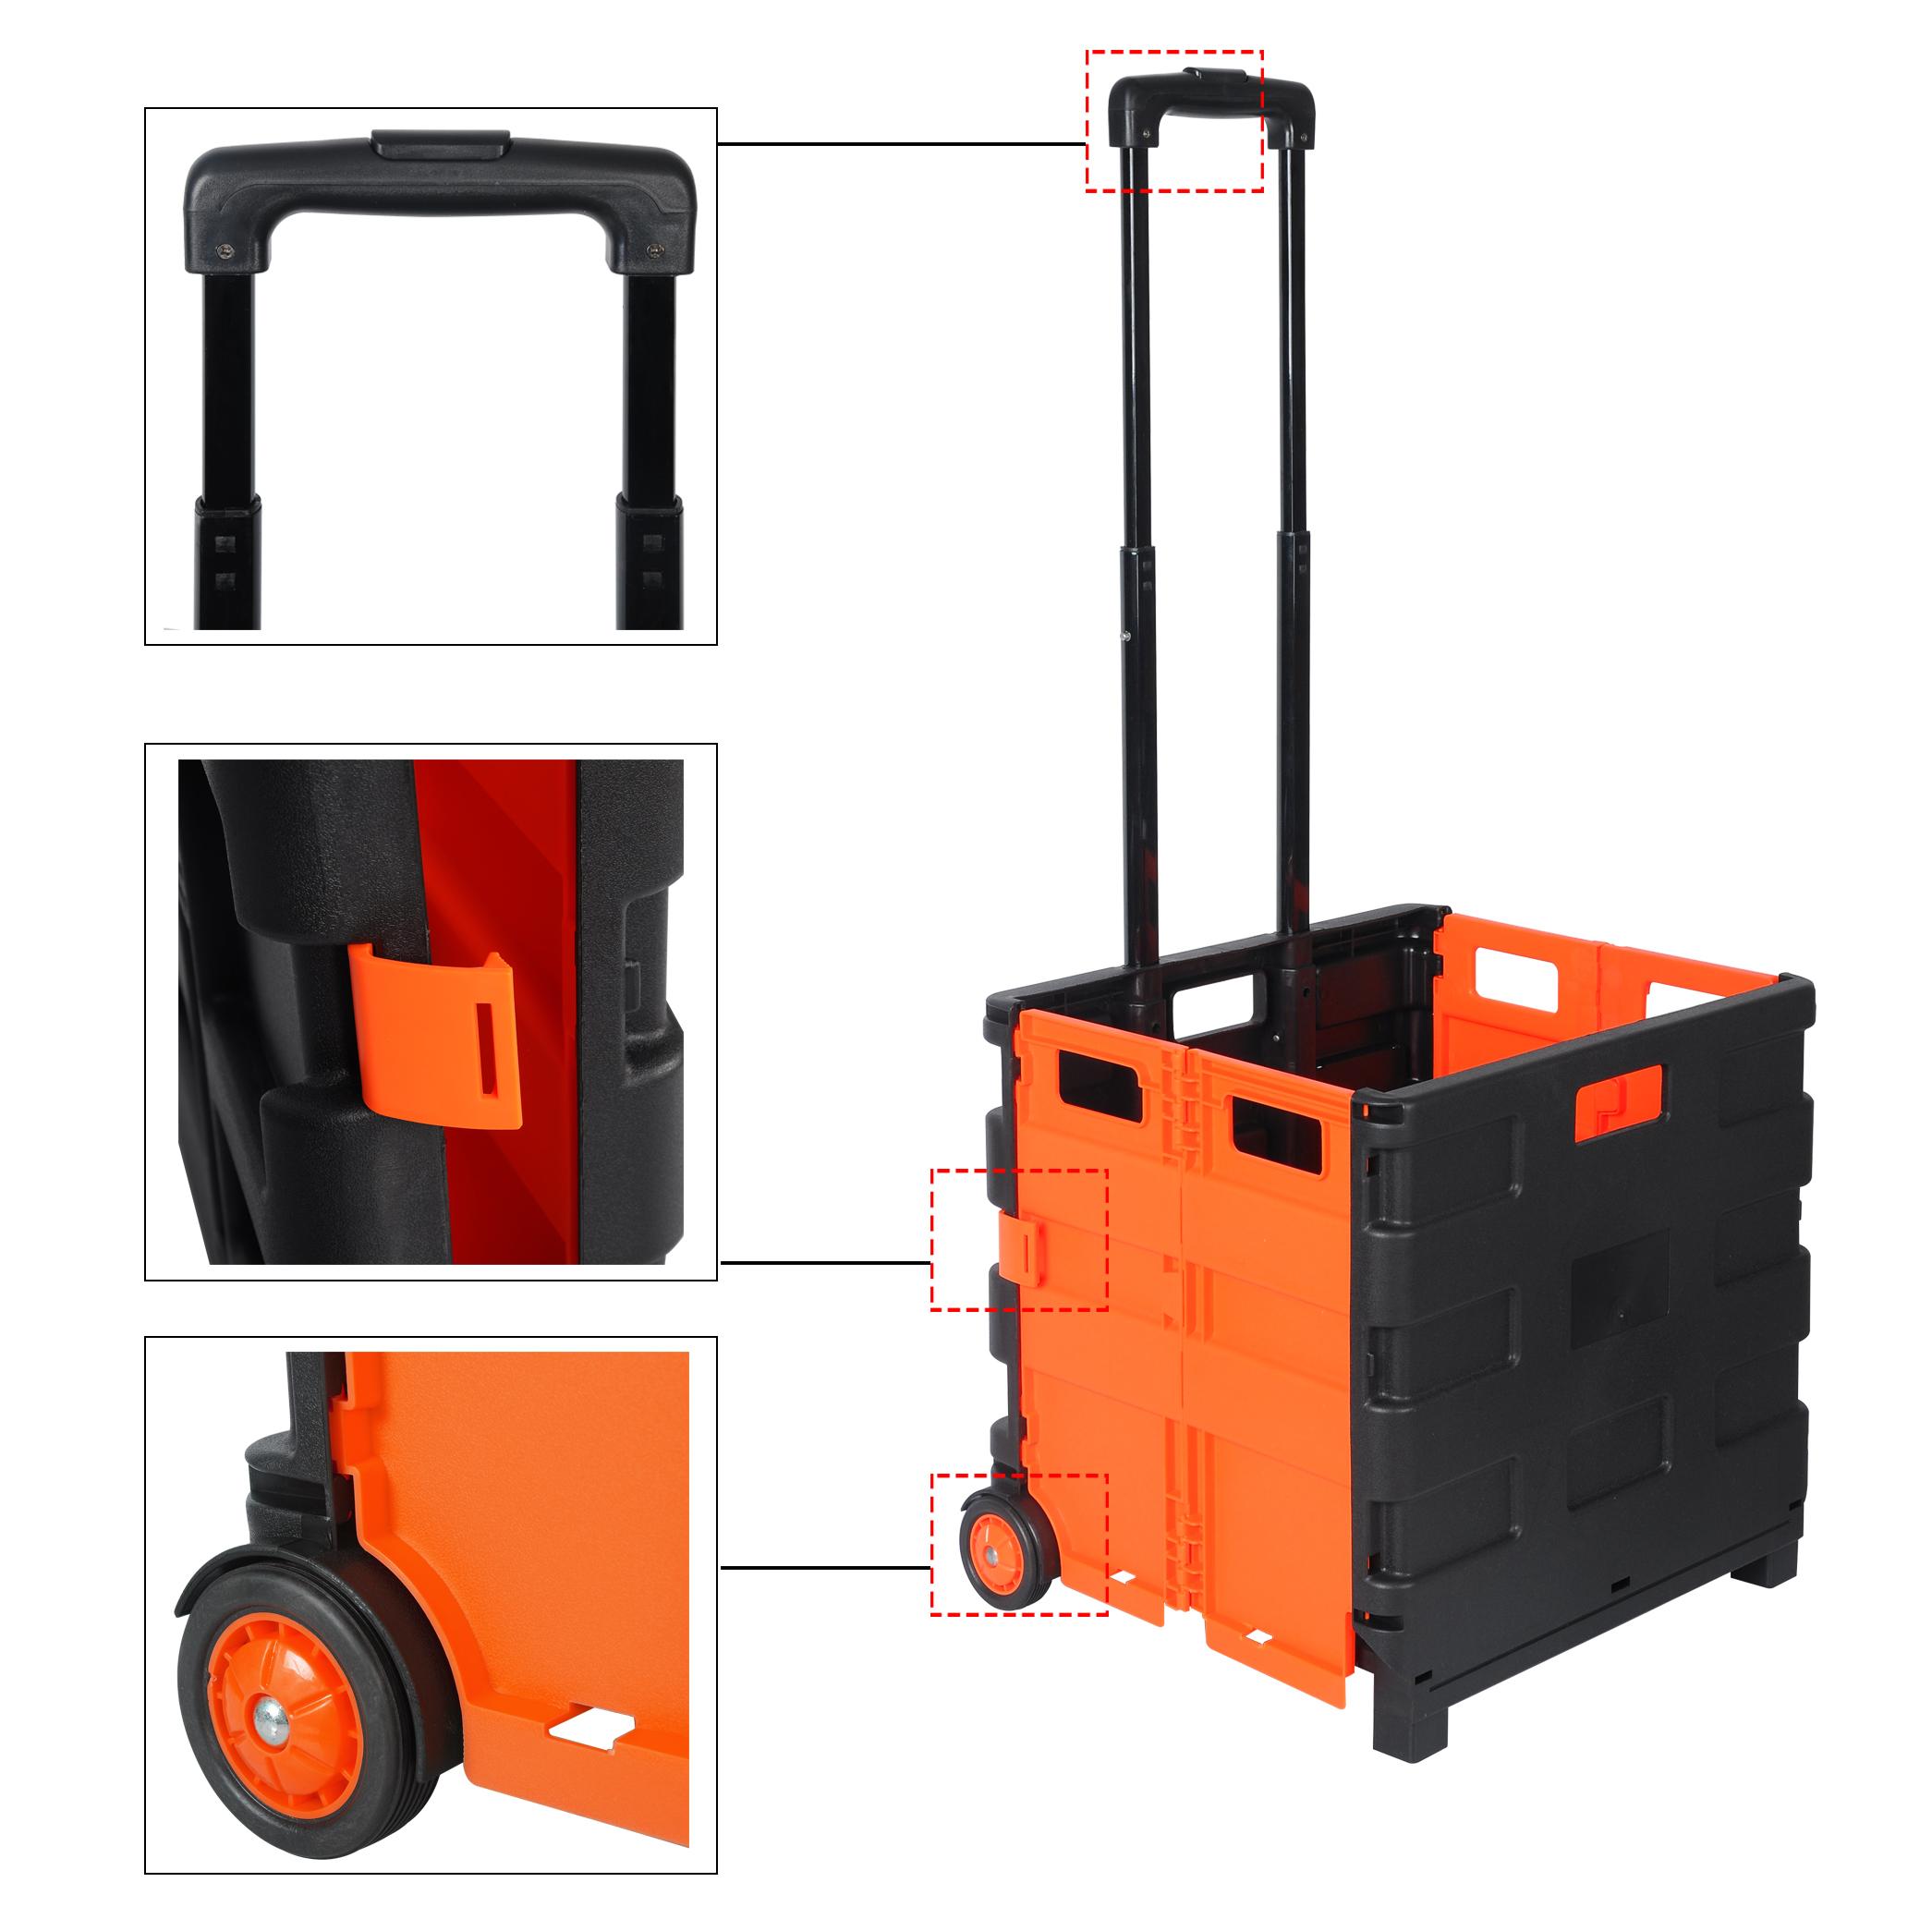 einkaufswagen einkaufstrolley mit deckel bis 35kg einkaufskorb roller ew4802or ebay. Black Bedroom Furniture Sets. Home Design Ideas